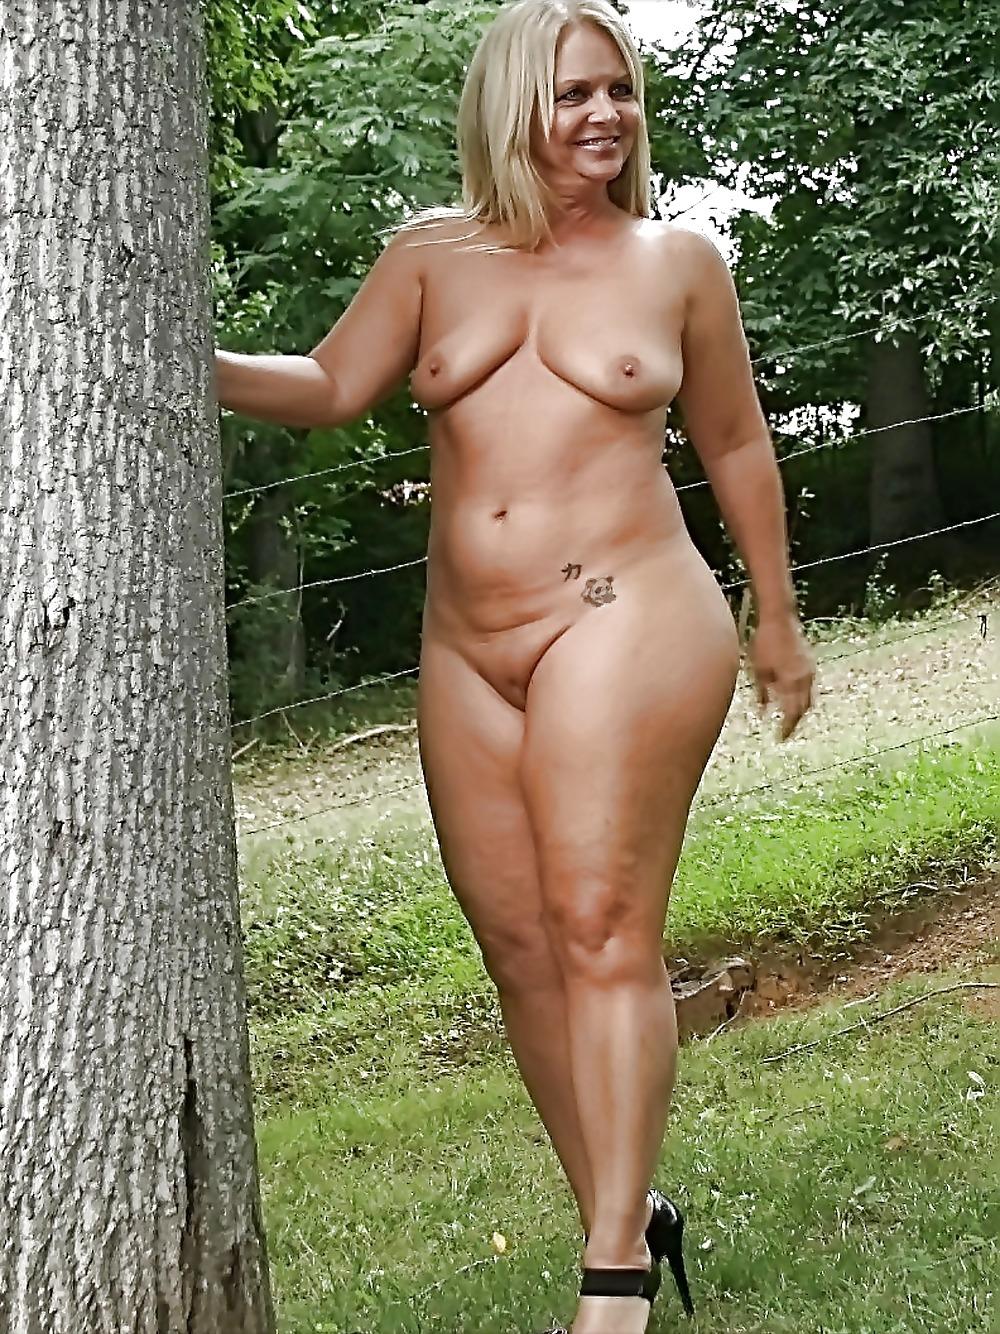 Naked mom in the garden — 9